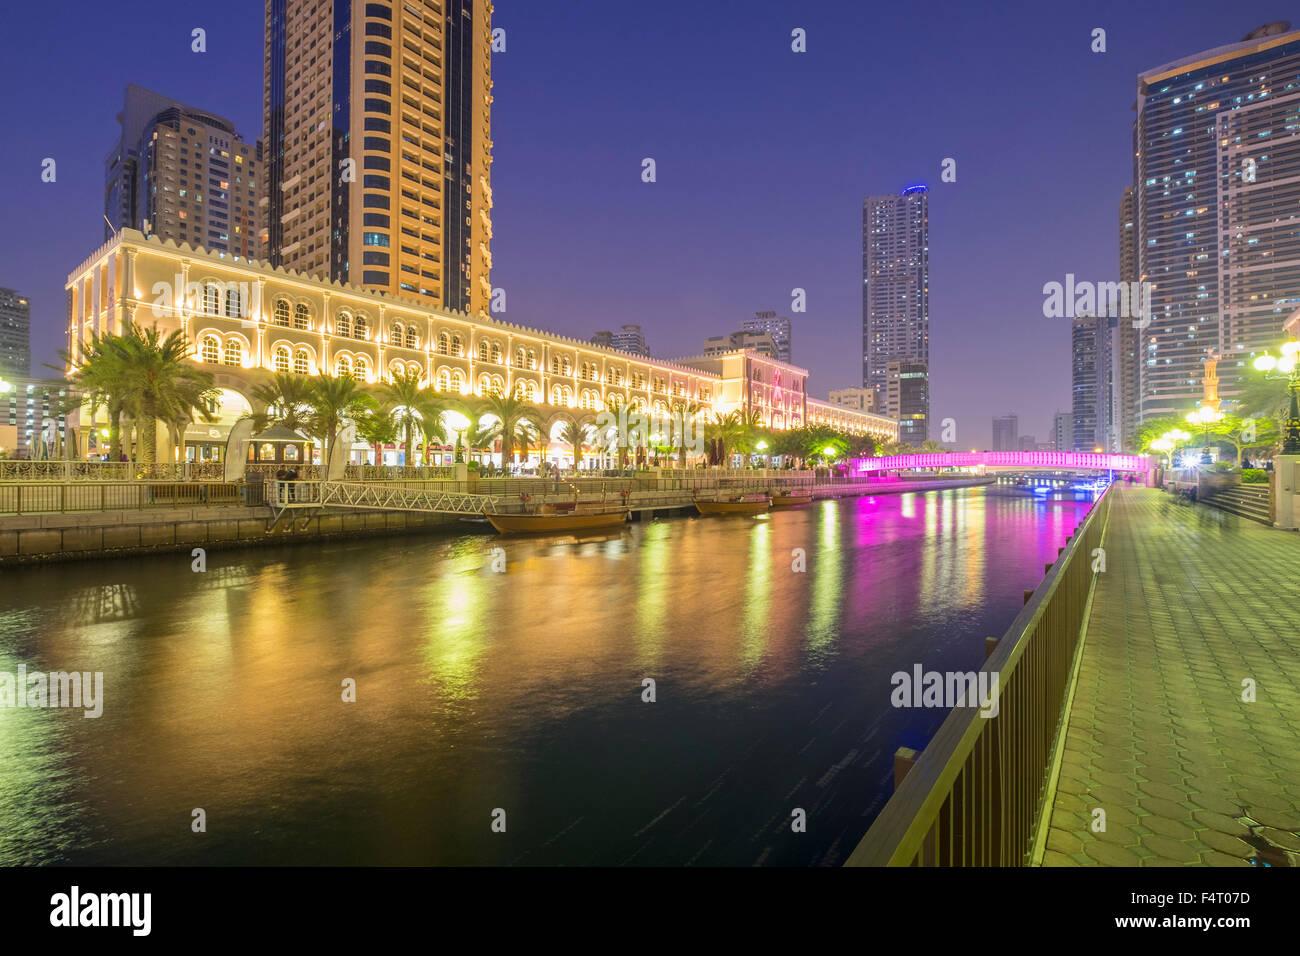 Al Qasba viewof soirée de divertissement à Sharjah Emirats Arabes Unis Photo Stock